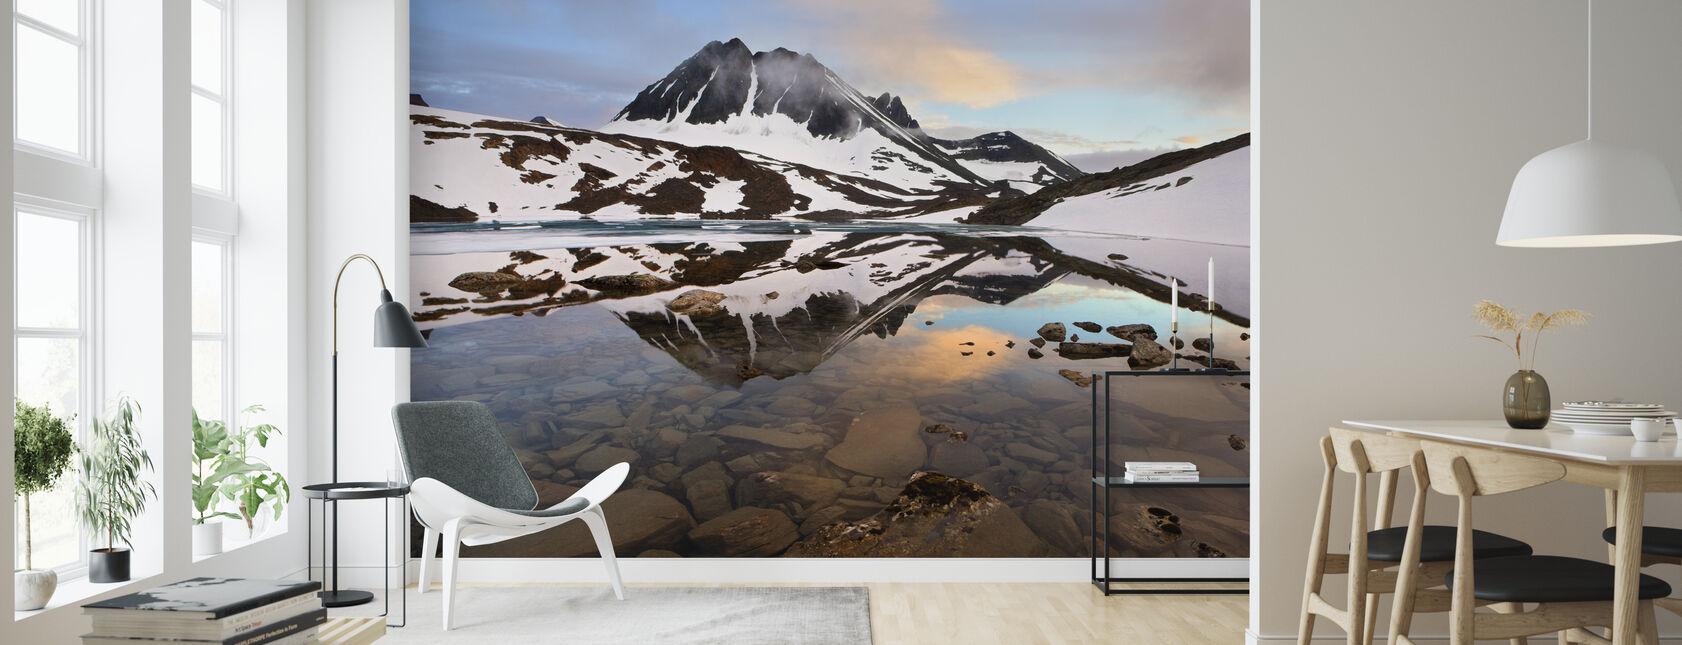 Laponii Glacial, Szwecja - Tapeta - Pokój dzienny